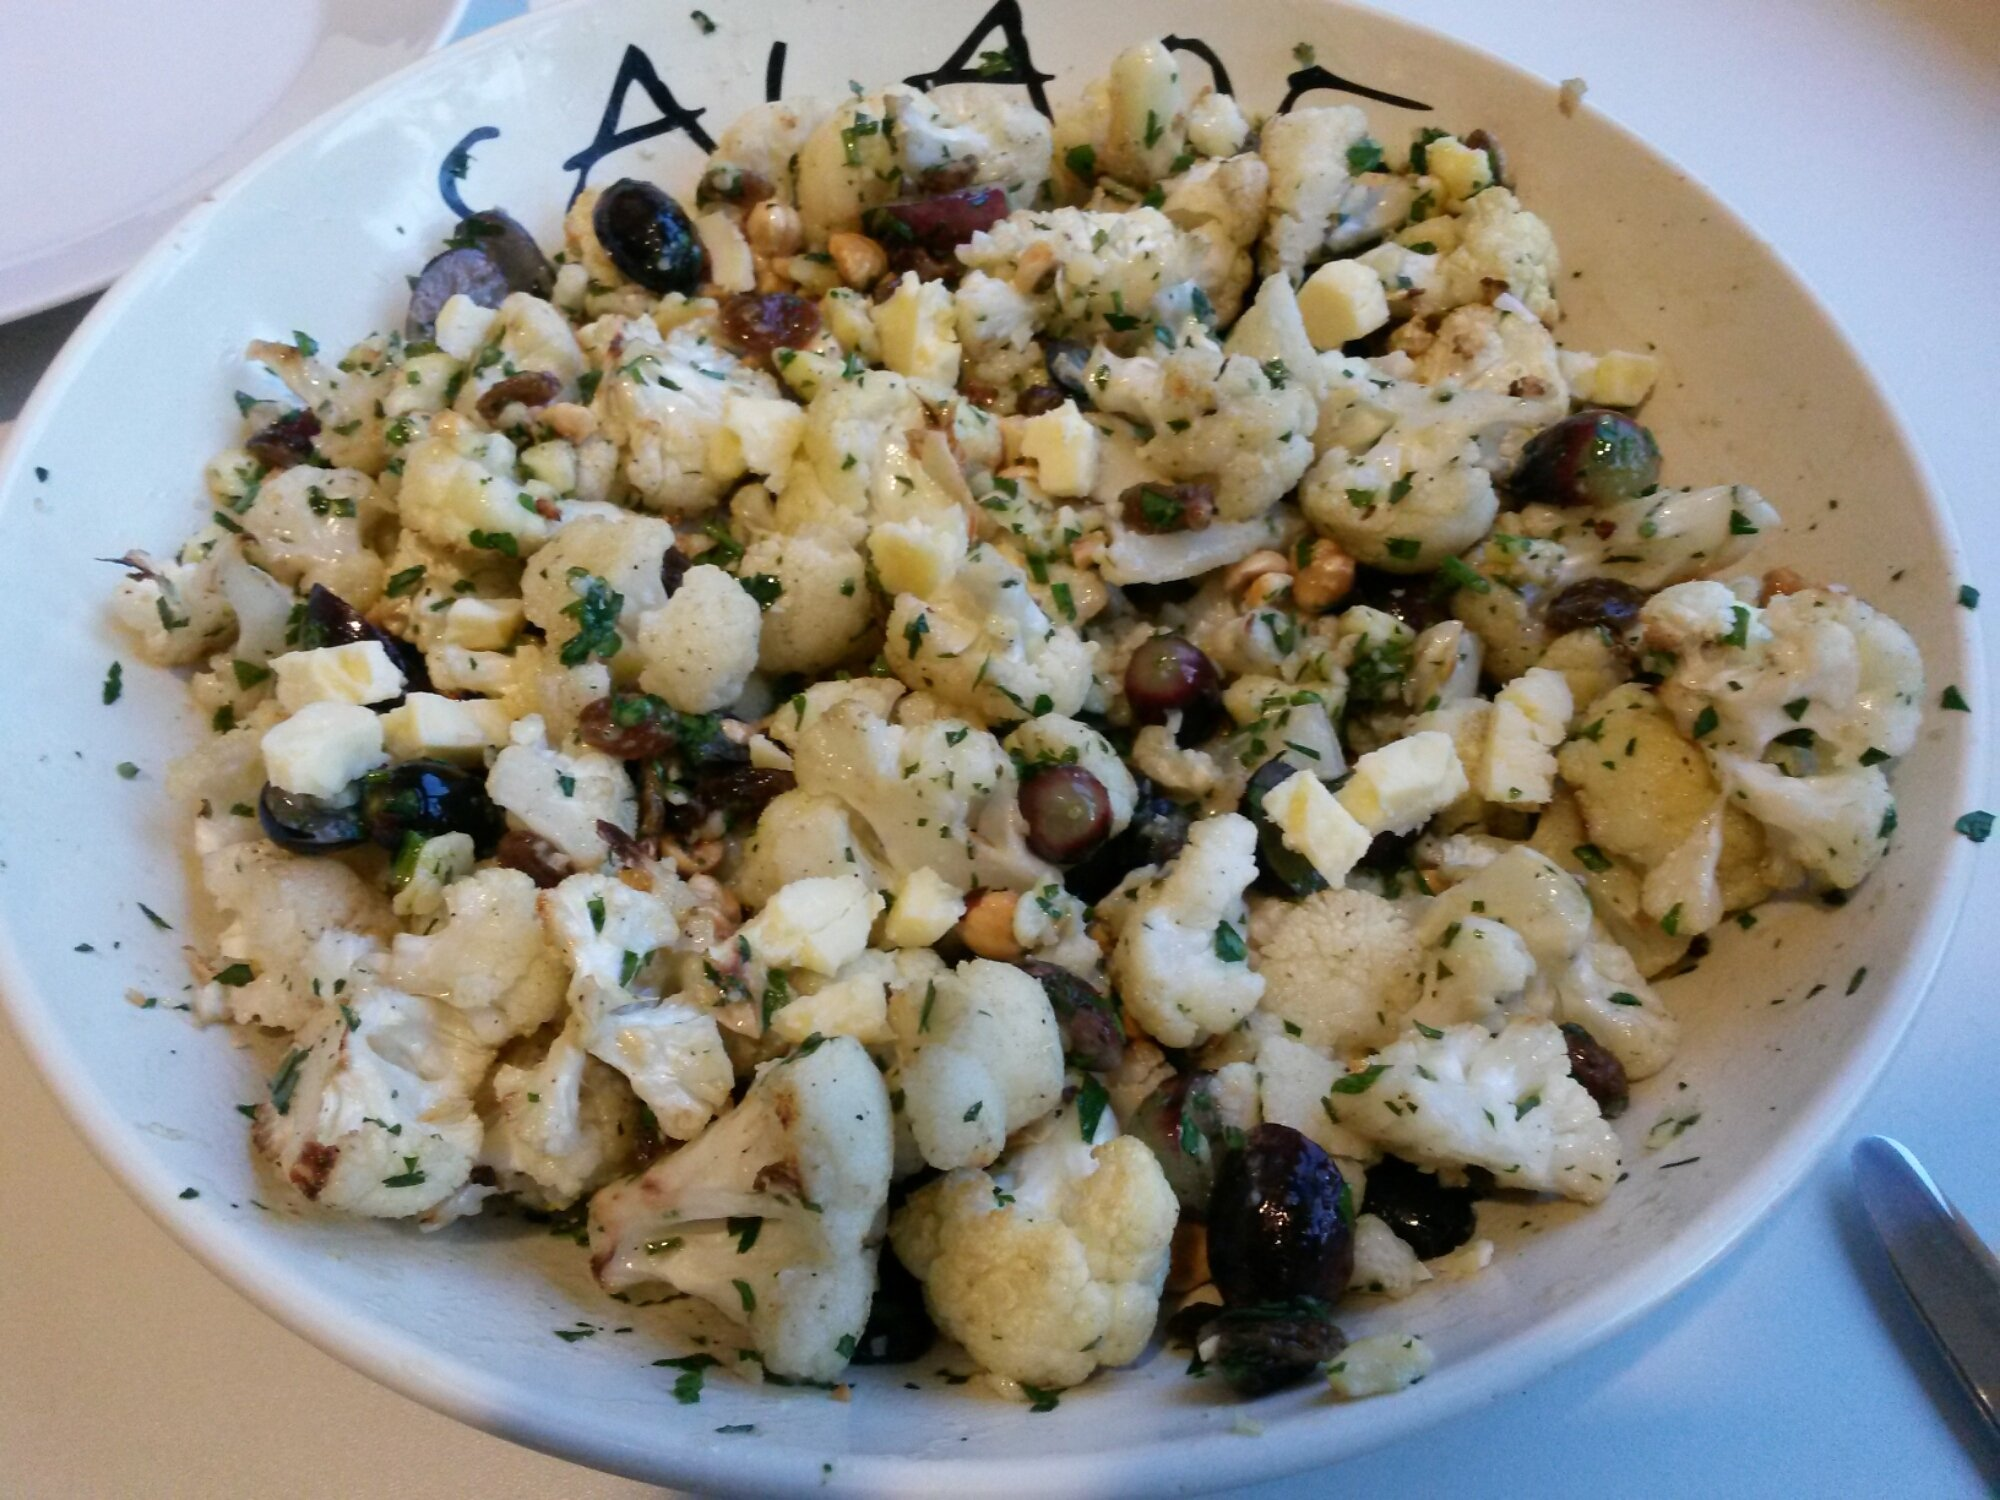 Bloemkoolsalade met druiven en kaas